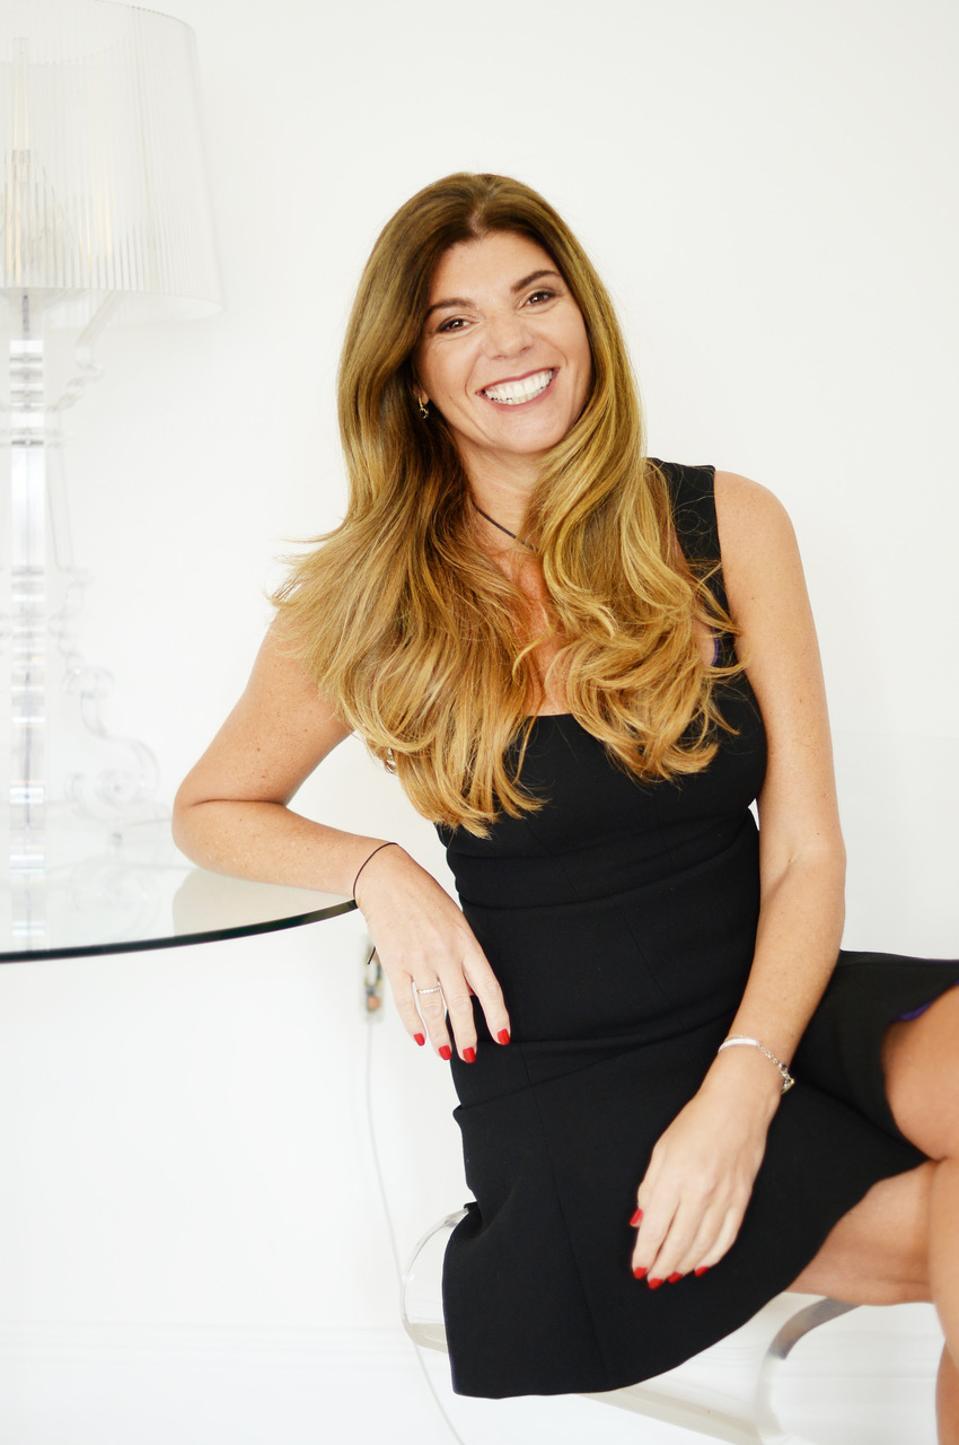 Melinda Nicci, founder of Baby2Body